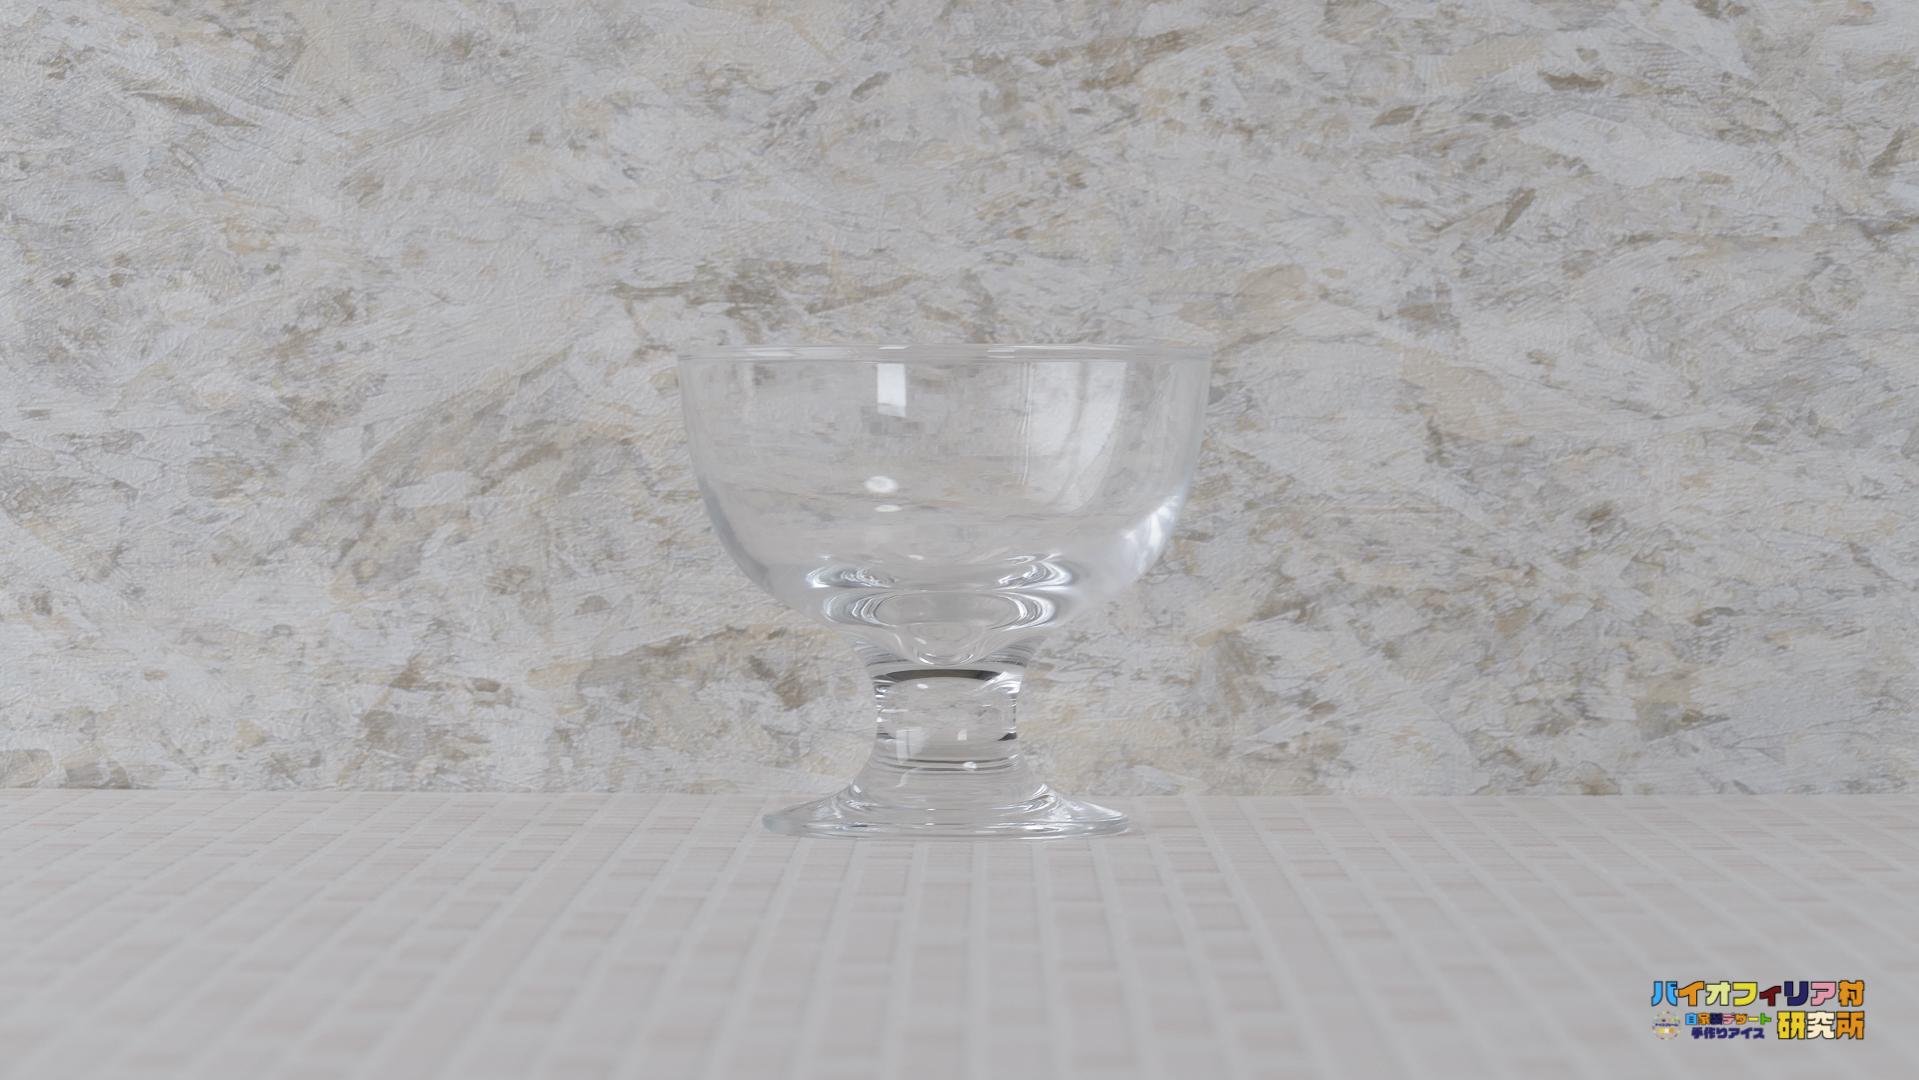 東洋佐々木ガラス『サンデーグラス 270ml プルエースパーラー 35301』の商品画像です。